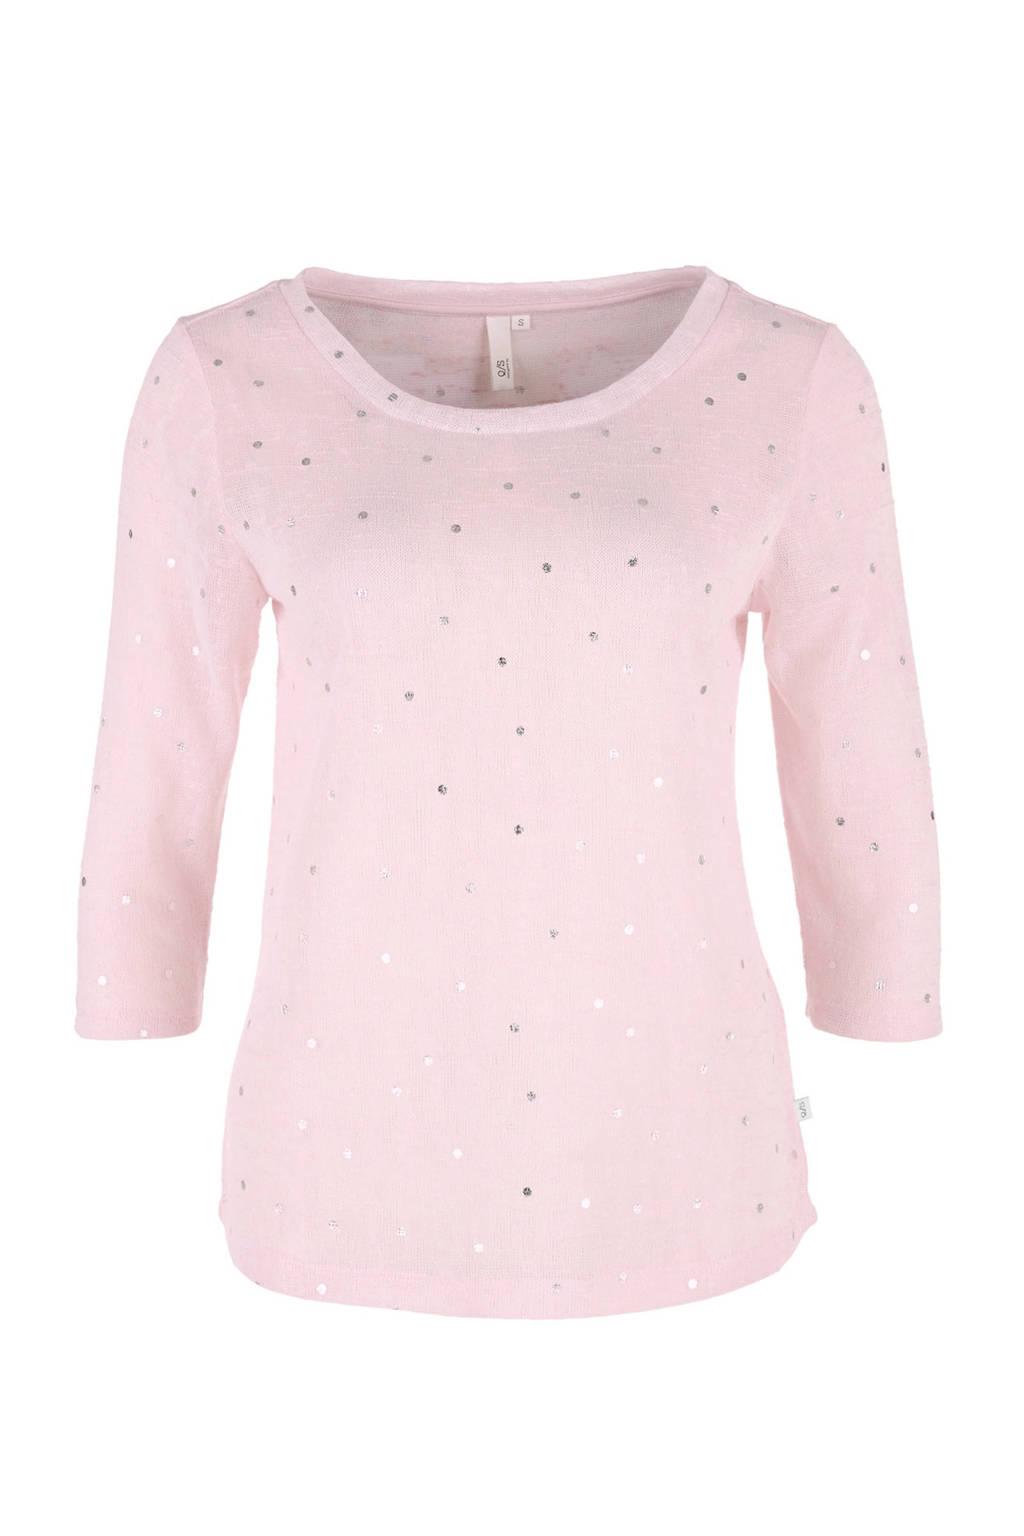 Q/S designed by T-shirt roze, Lichtroze